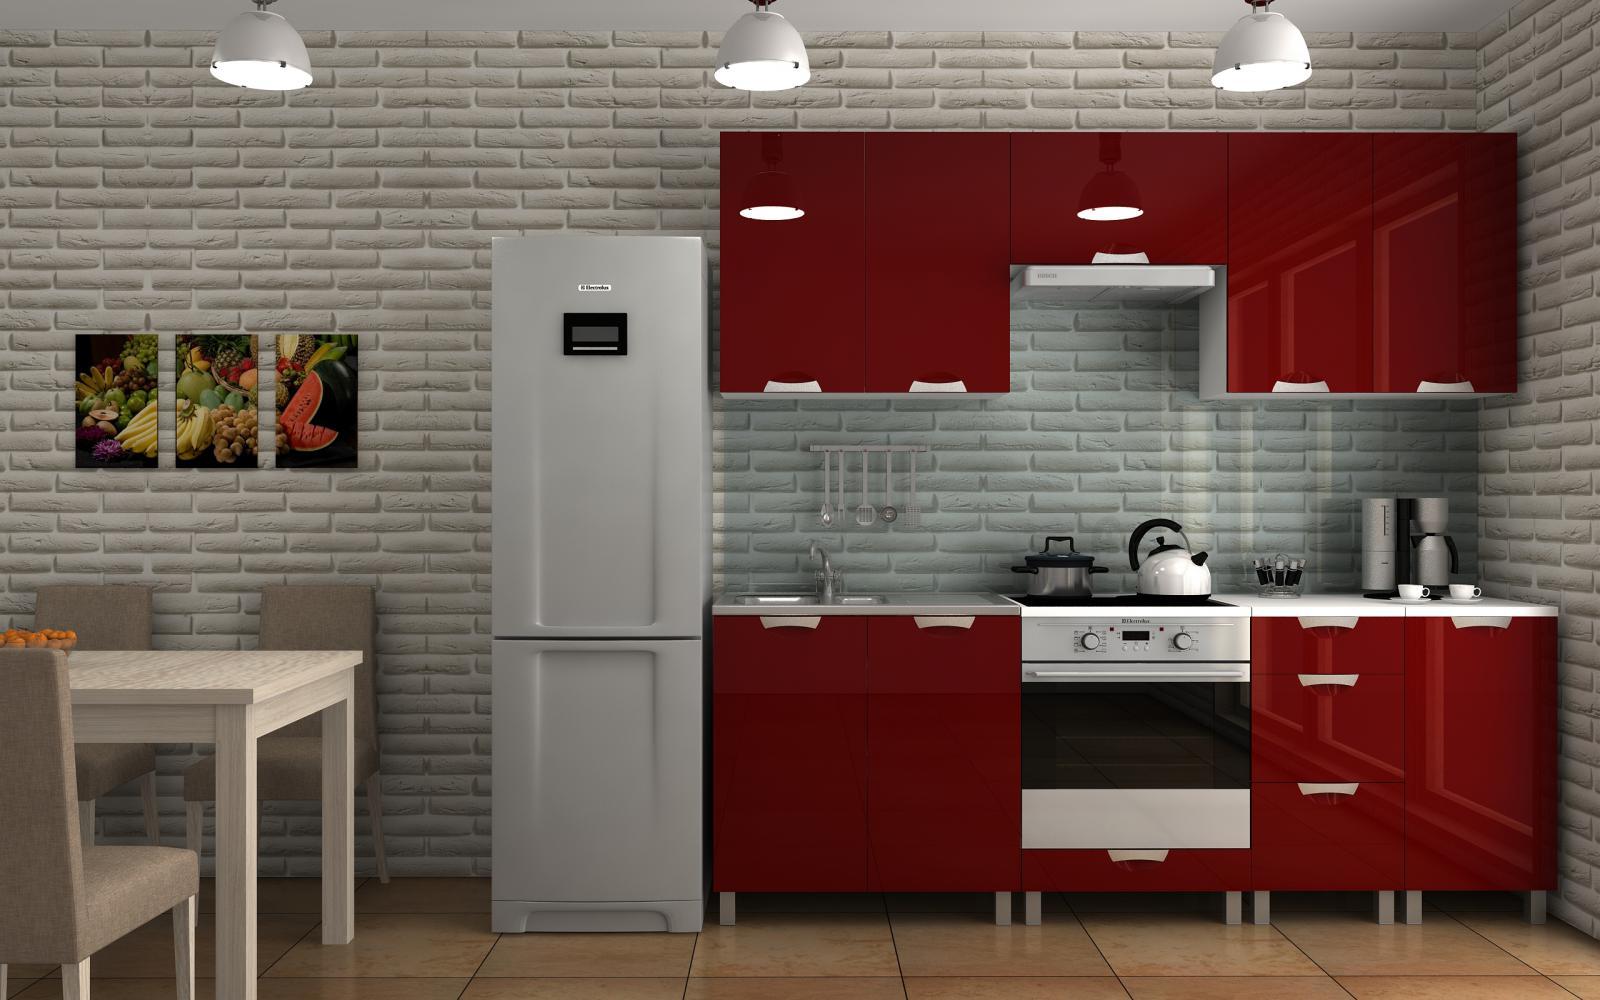 Kuchyňská linka Dalliance KRF 220 bordo lesk